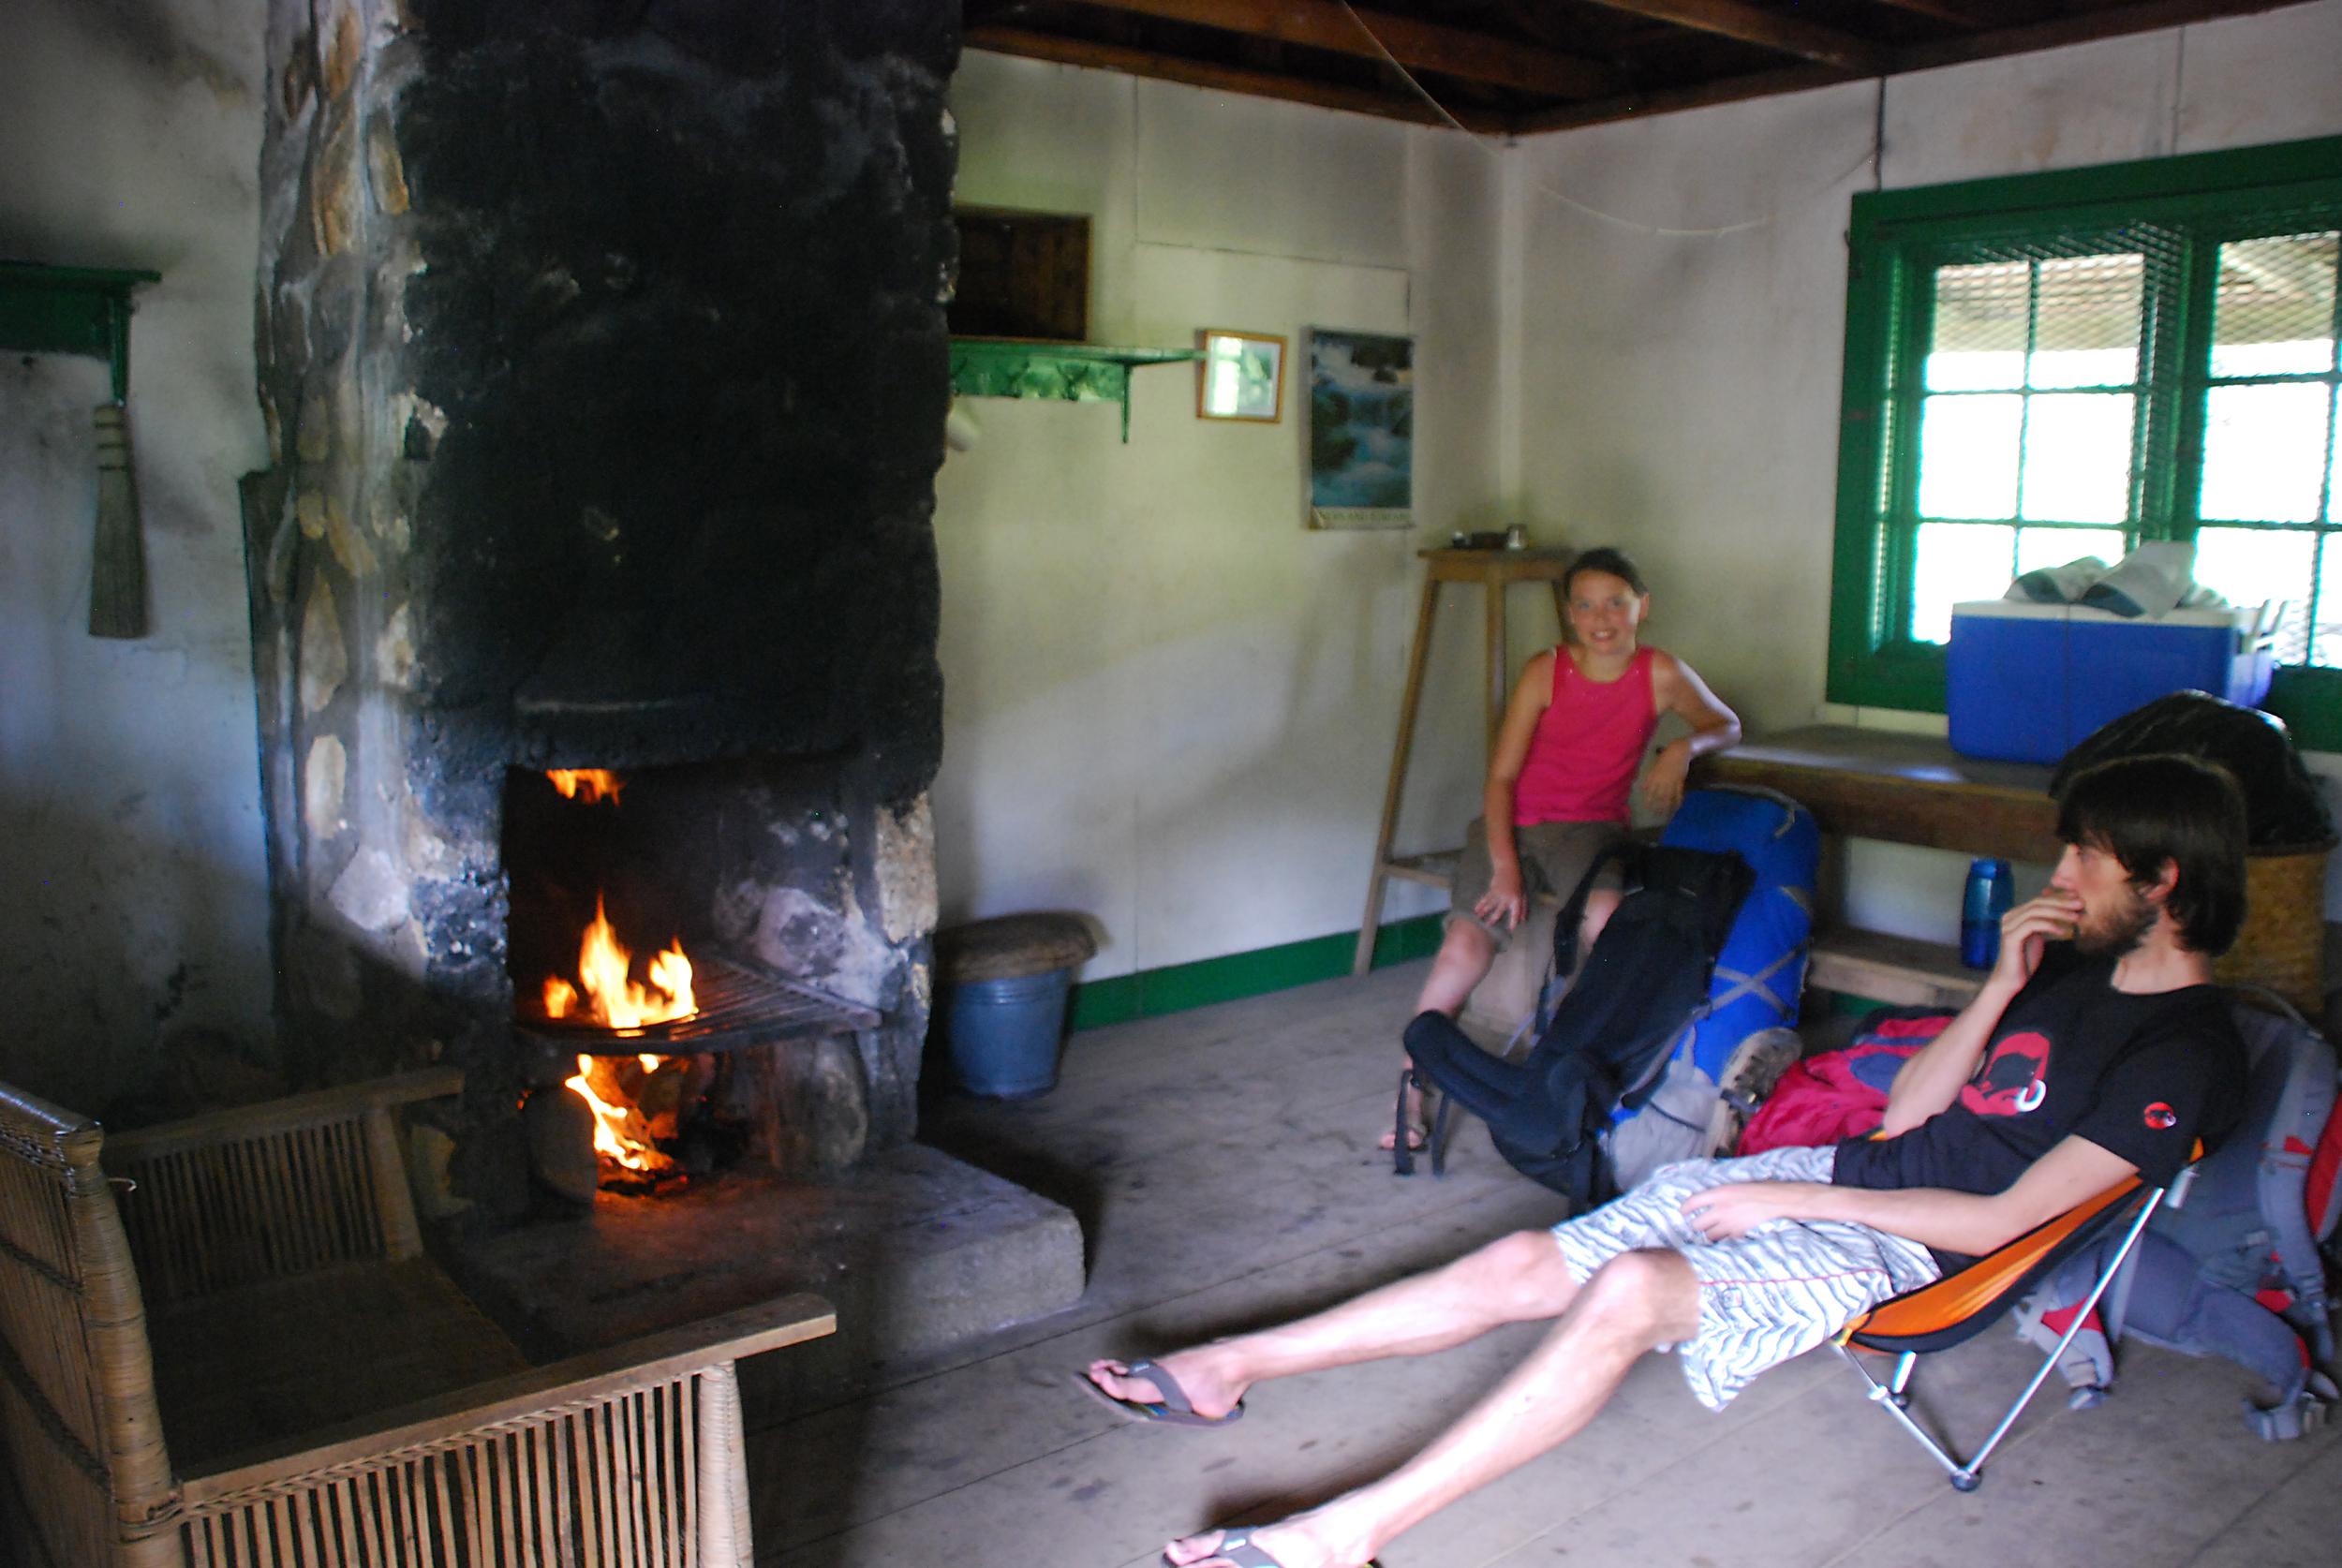 Inside the Madzeka hut